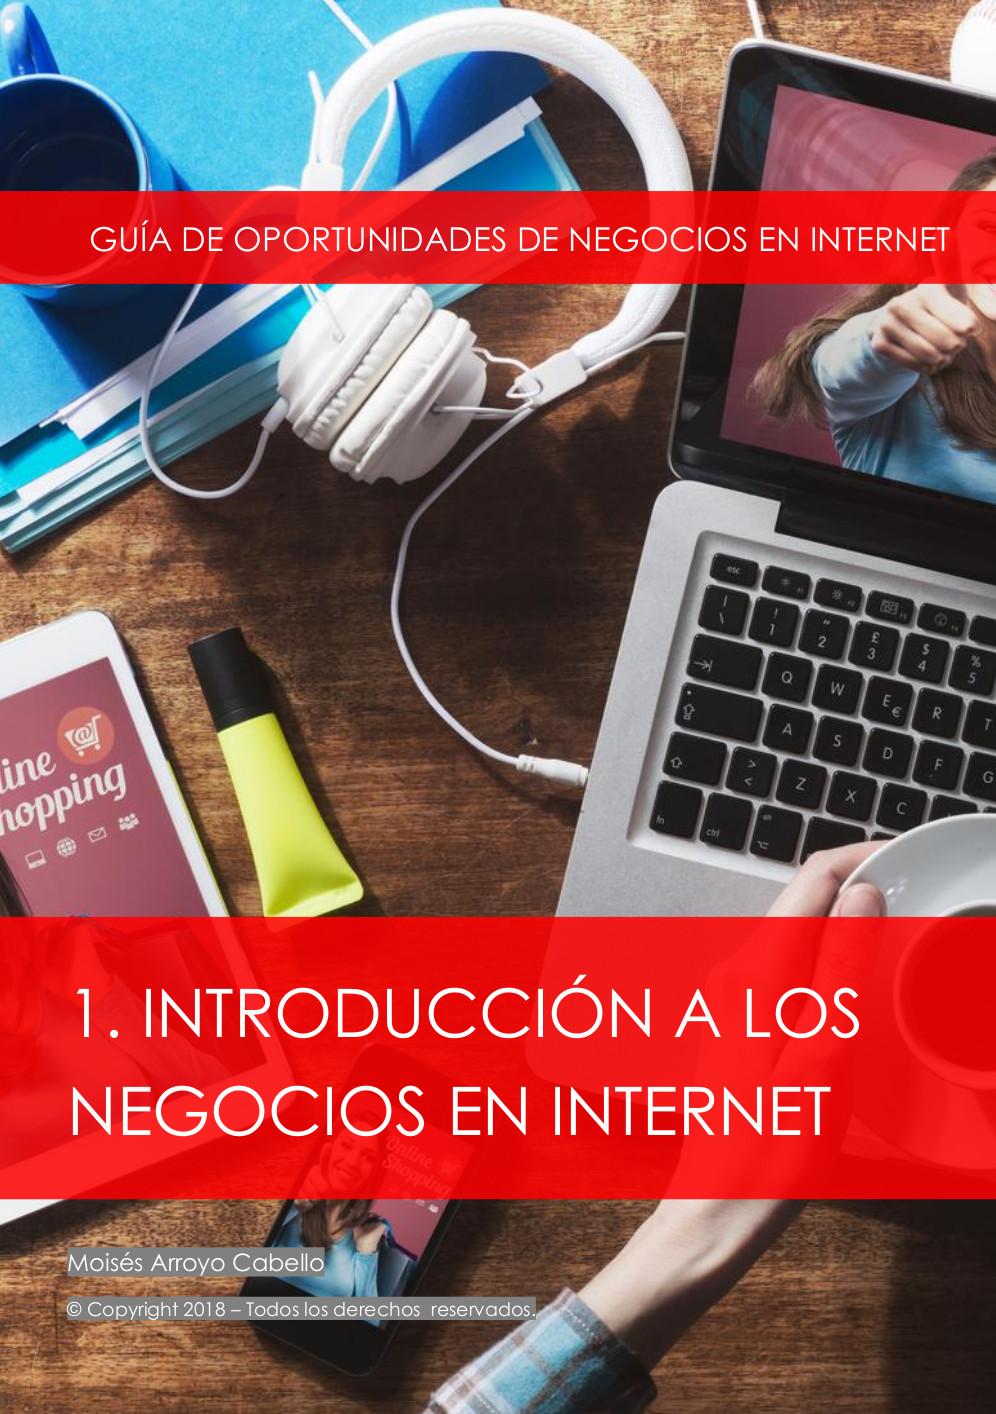 Mi primer ebook sobre introducción a los negocios en internet